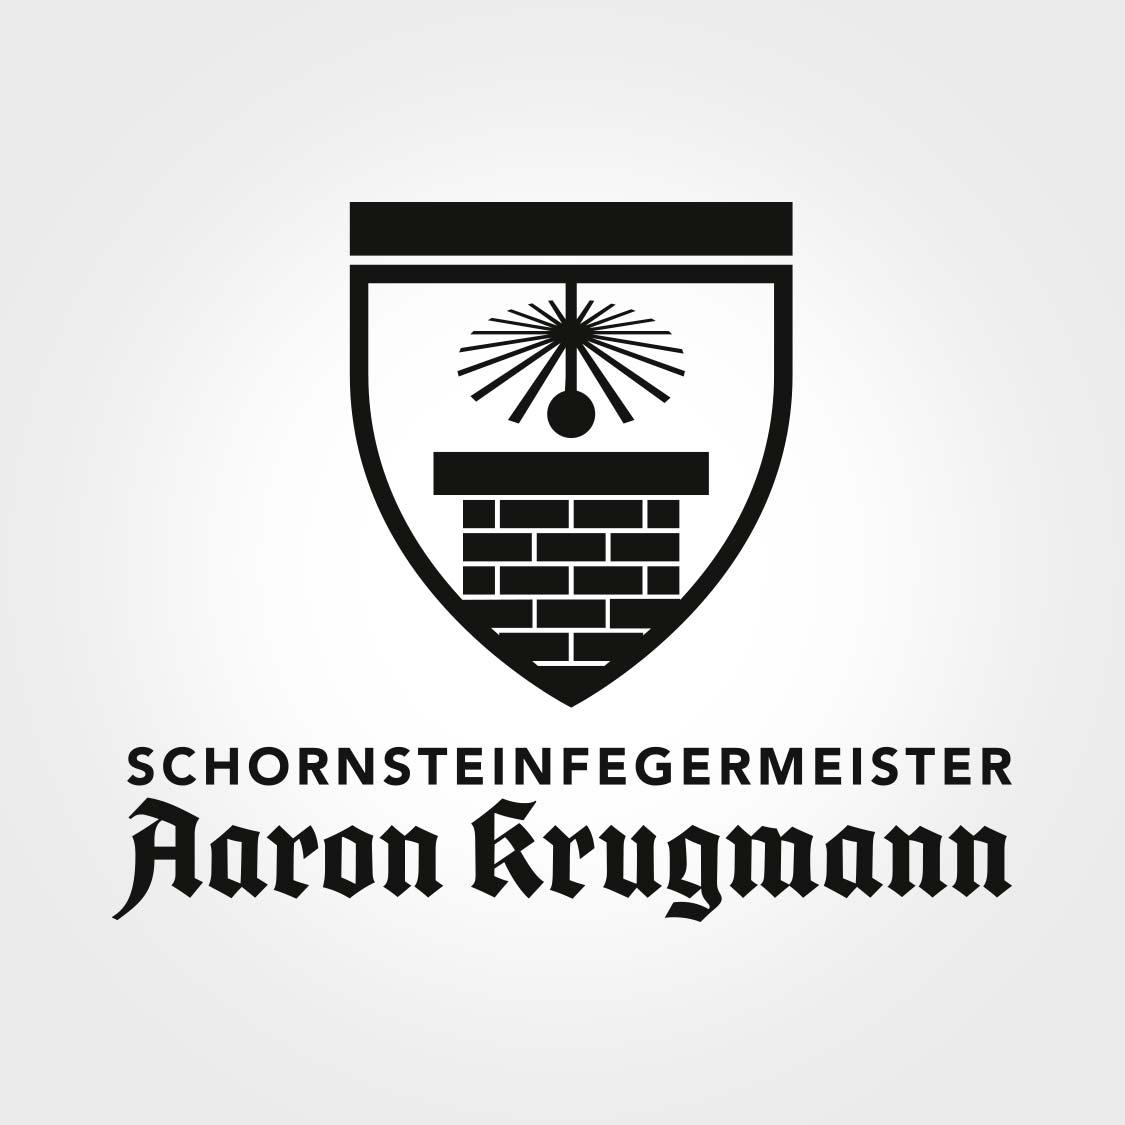 01 logo schonsteinfeger aaron krugmann vorschau 1125px